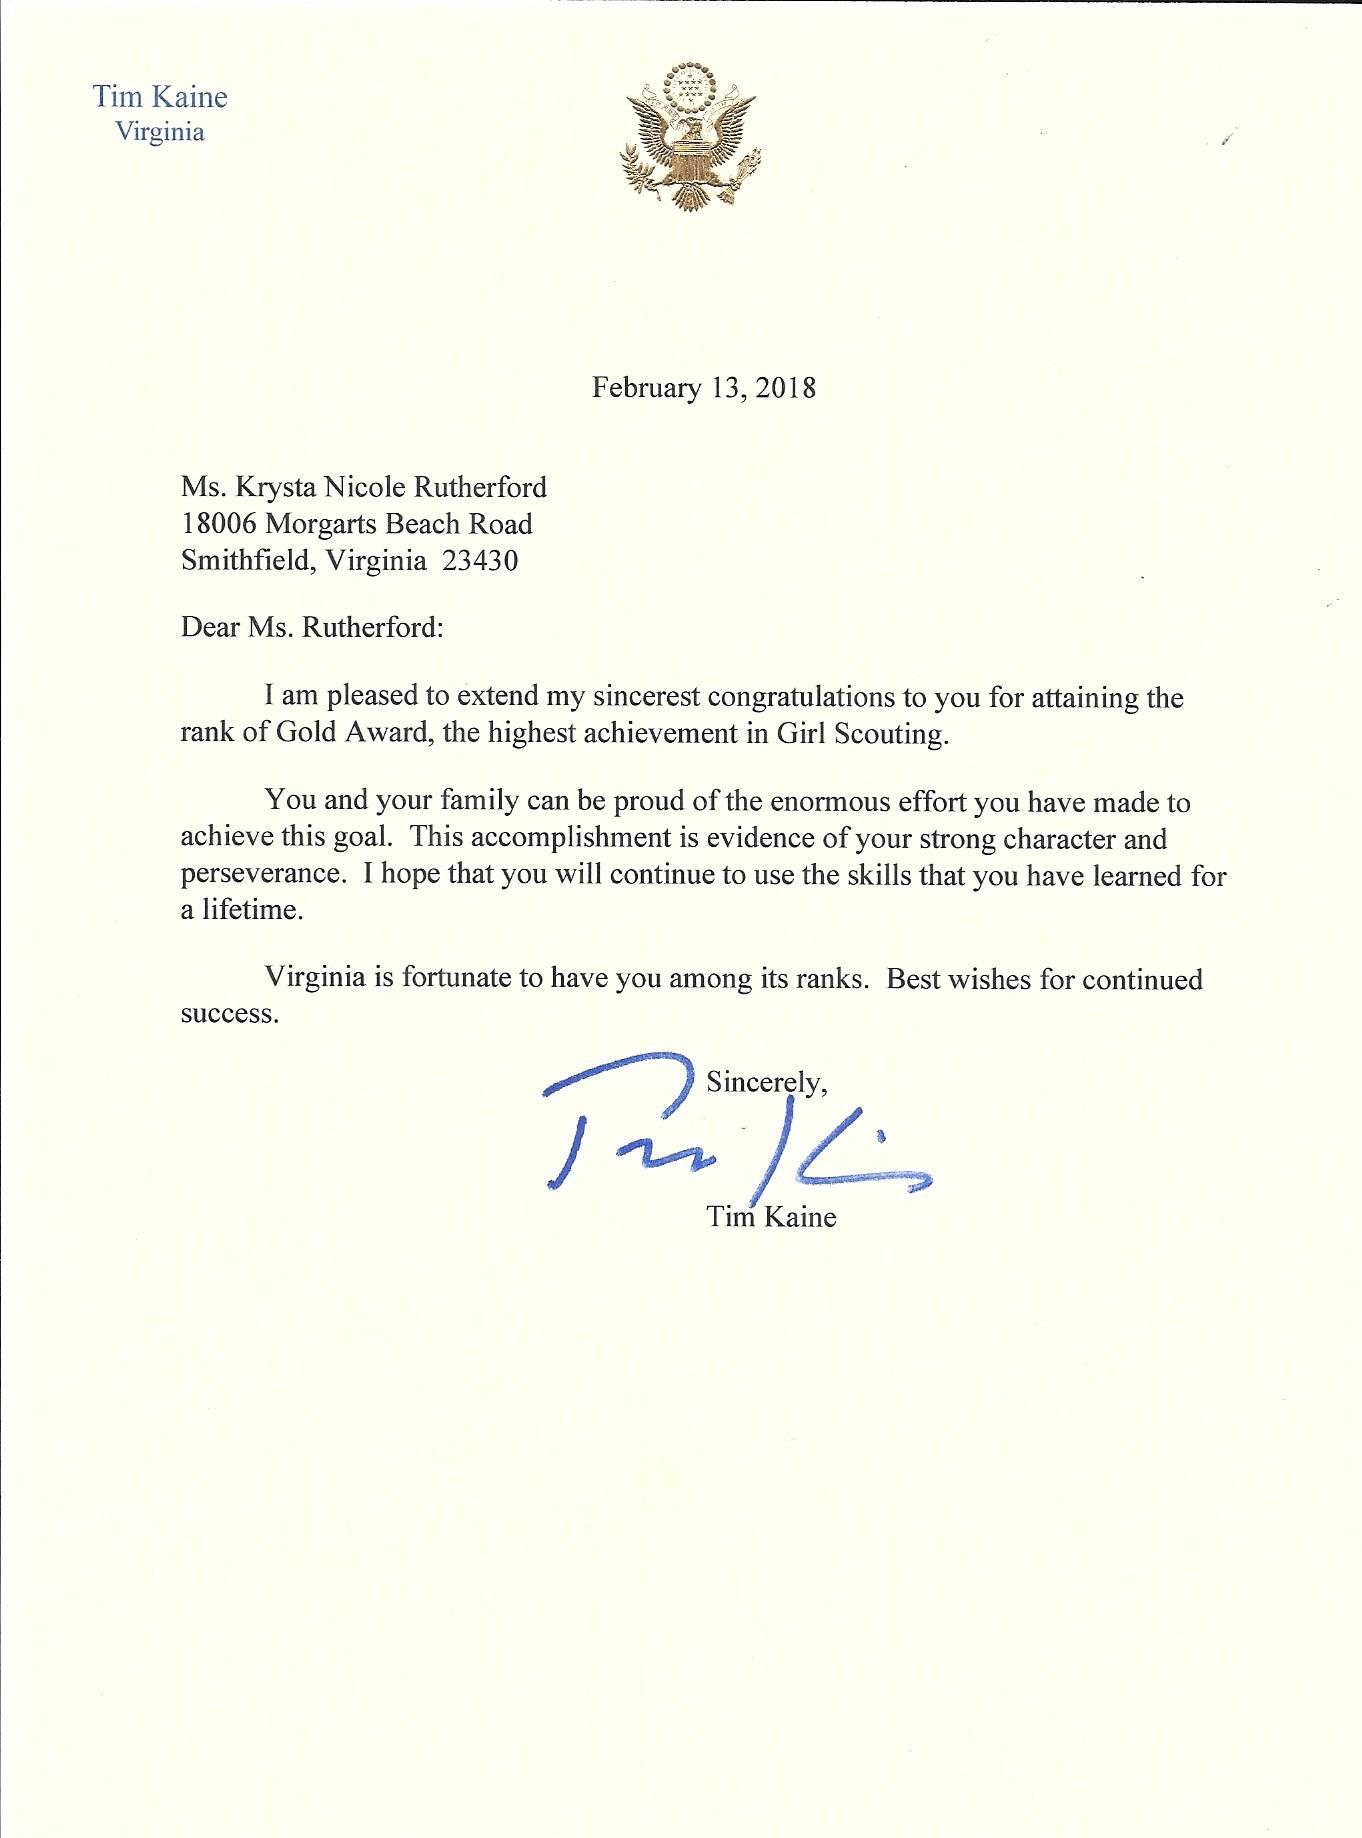 Letter from Senator Tim Kaine.jpg